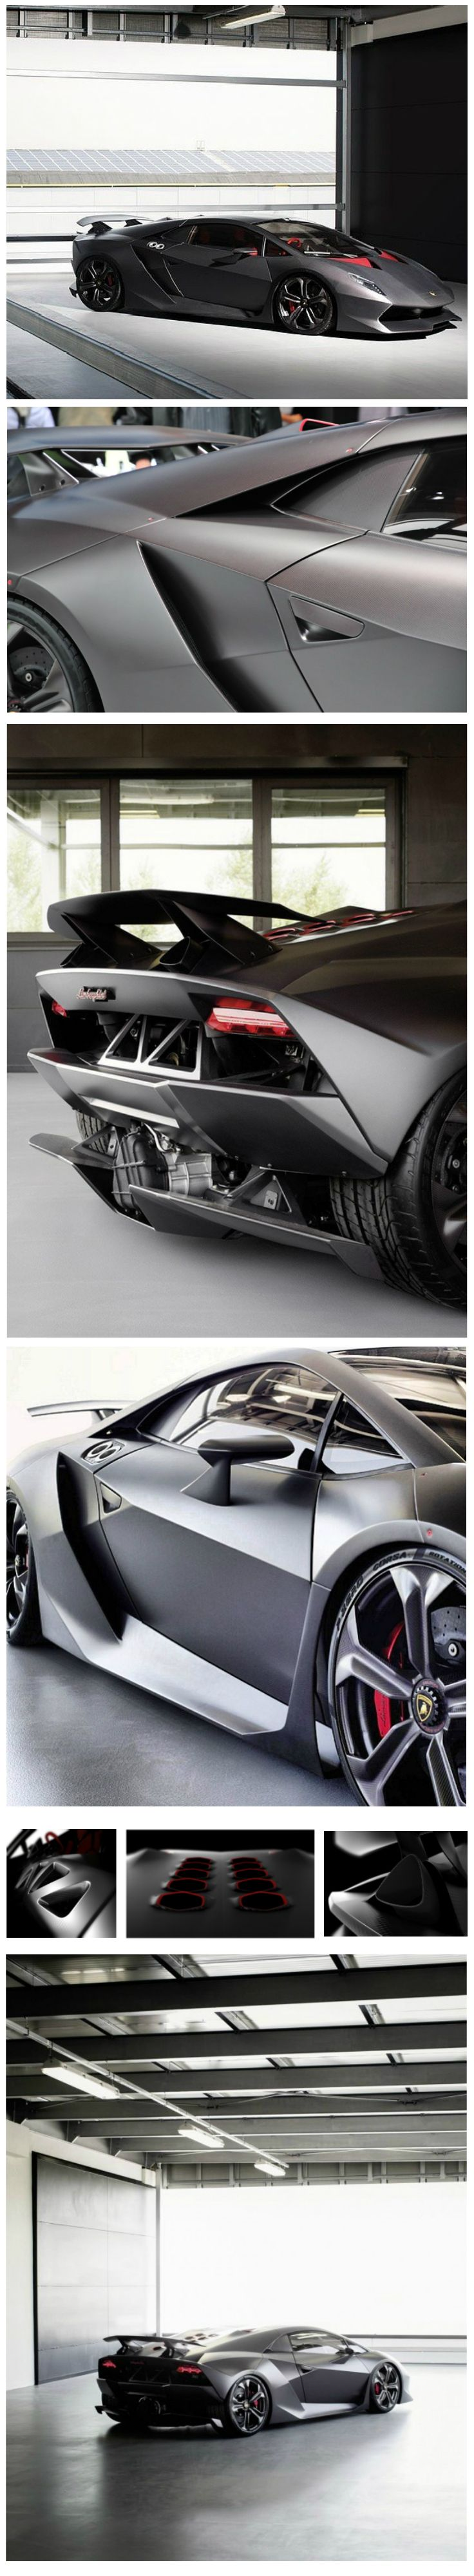 LUXURY Connoisseur    Kallistos Stelios Karalis    +Folloω me....!!!!! Lamborghini Sesto Elemento